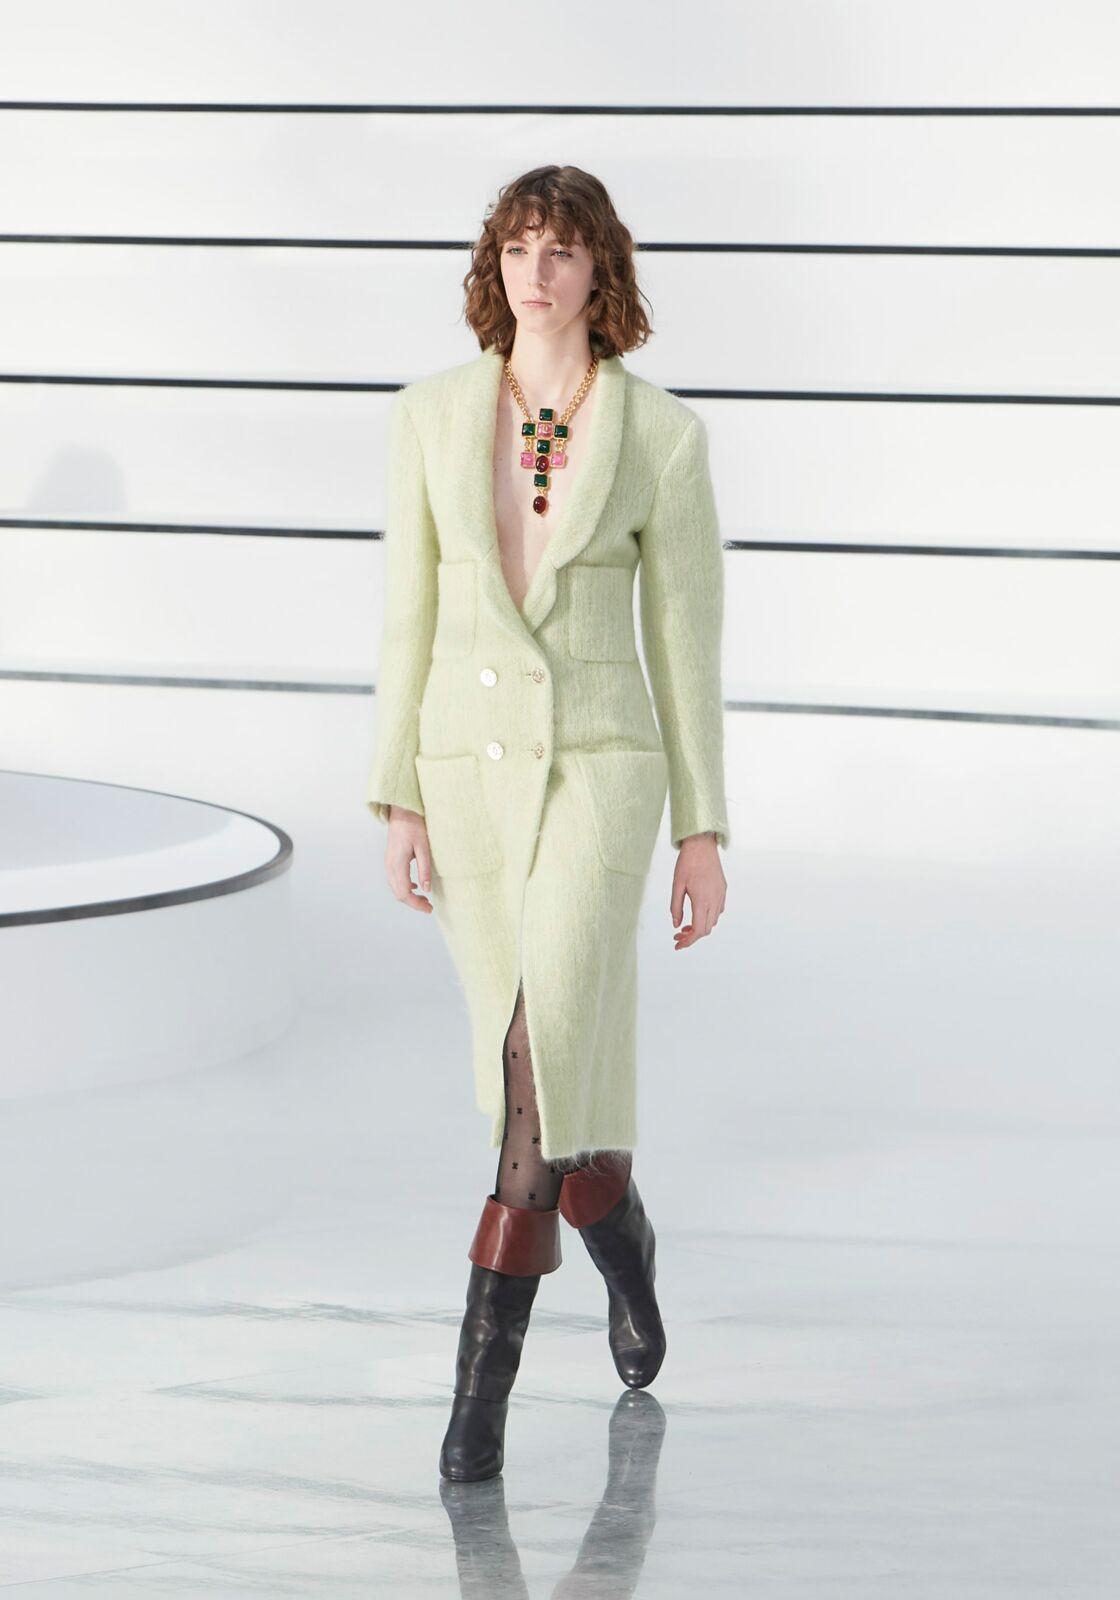 Le vert pastel se porte avec chic cet automne 2020 comme le prouve Chanel